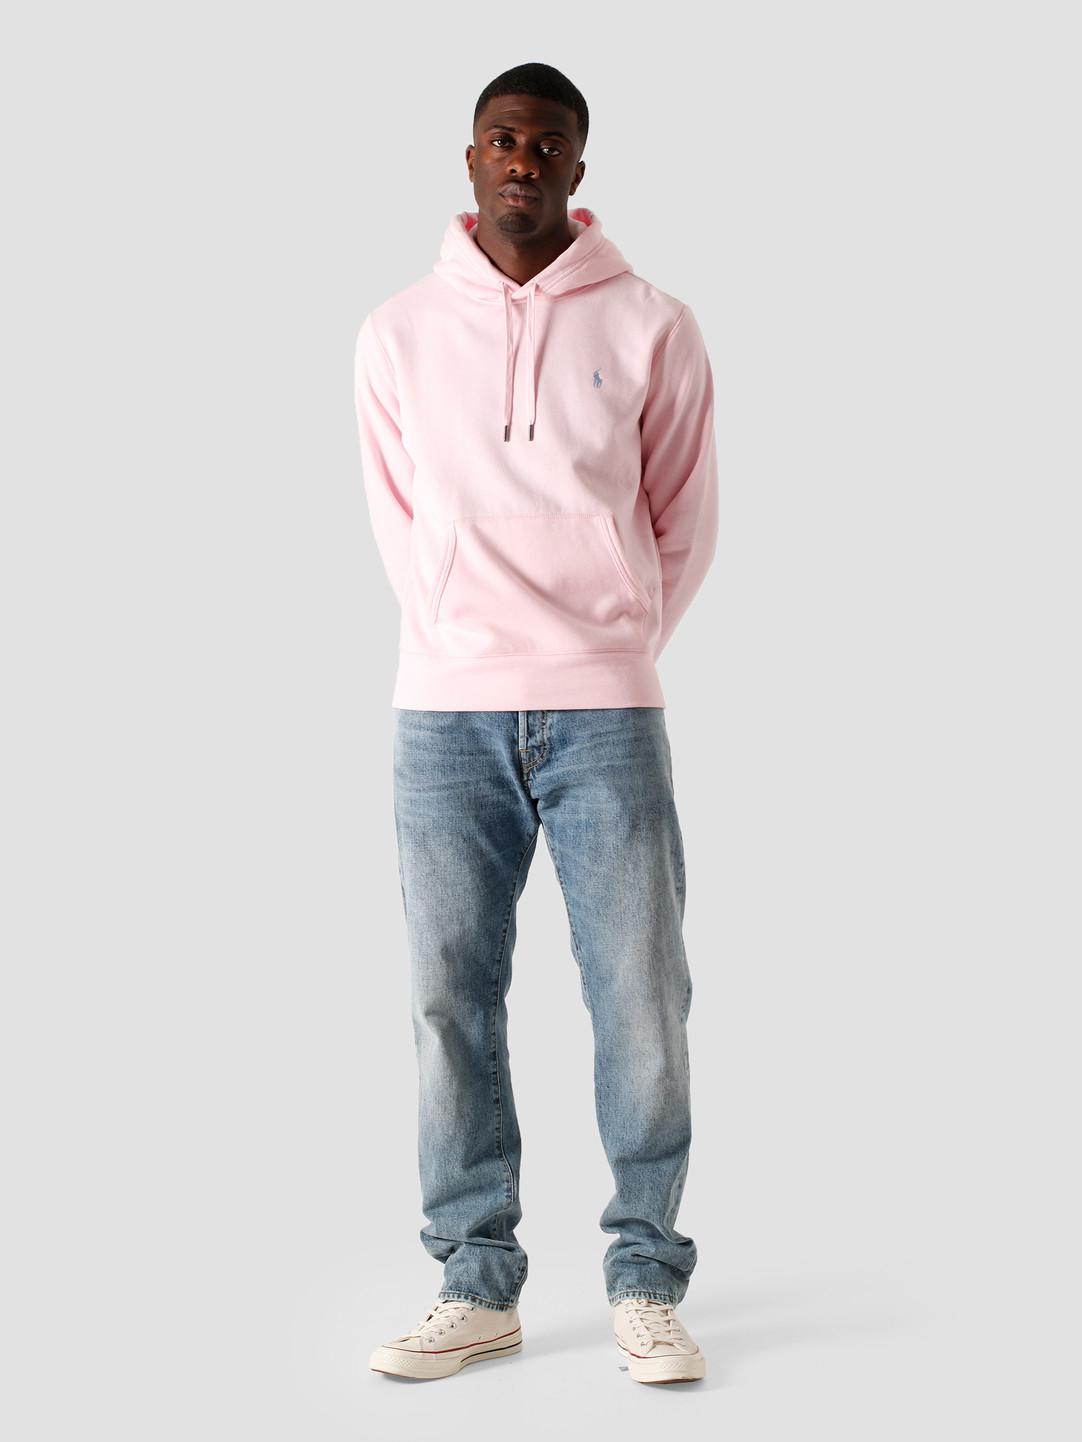 Polo Ralph Lauren Polo Ralph Lauren Lt Wt Magic Fleece Knit Bath Pink-C7156 710815485003